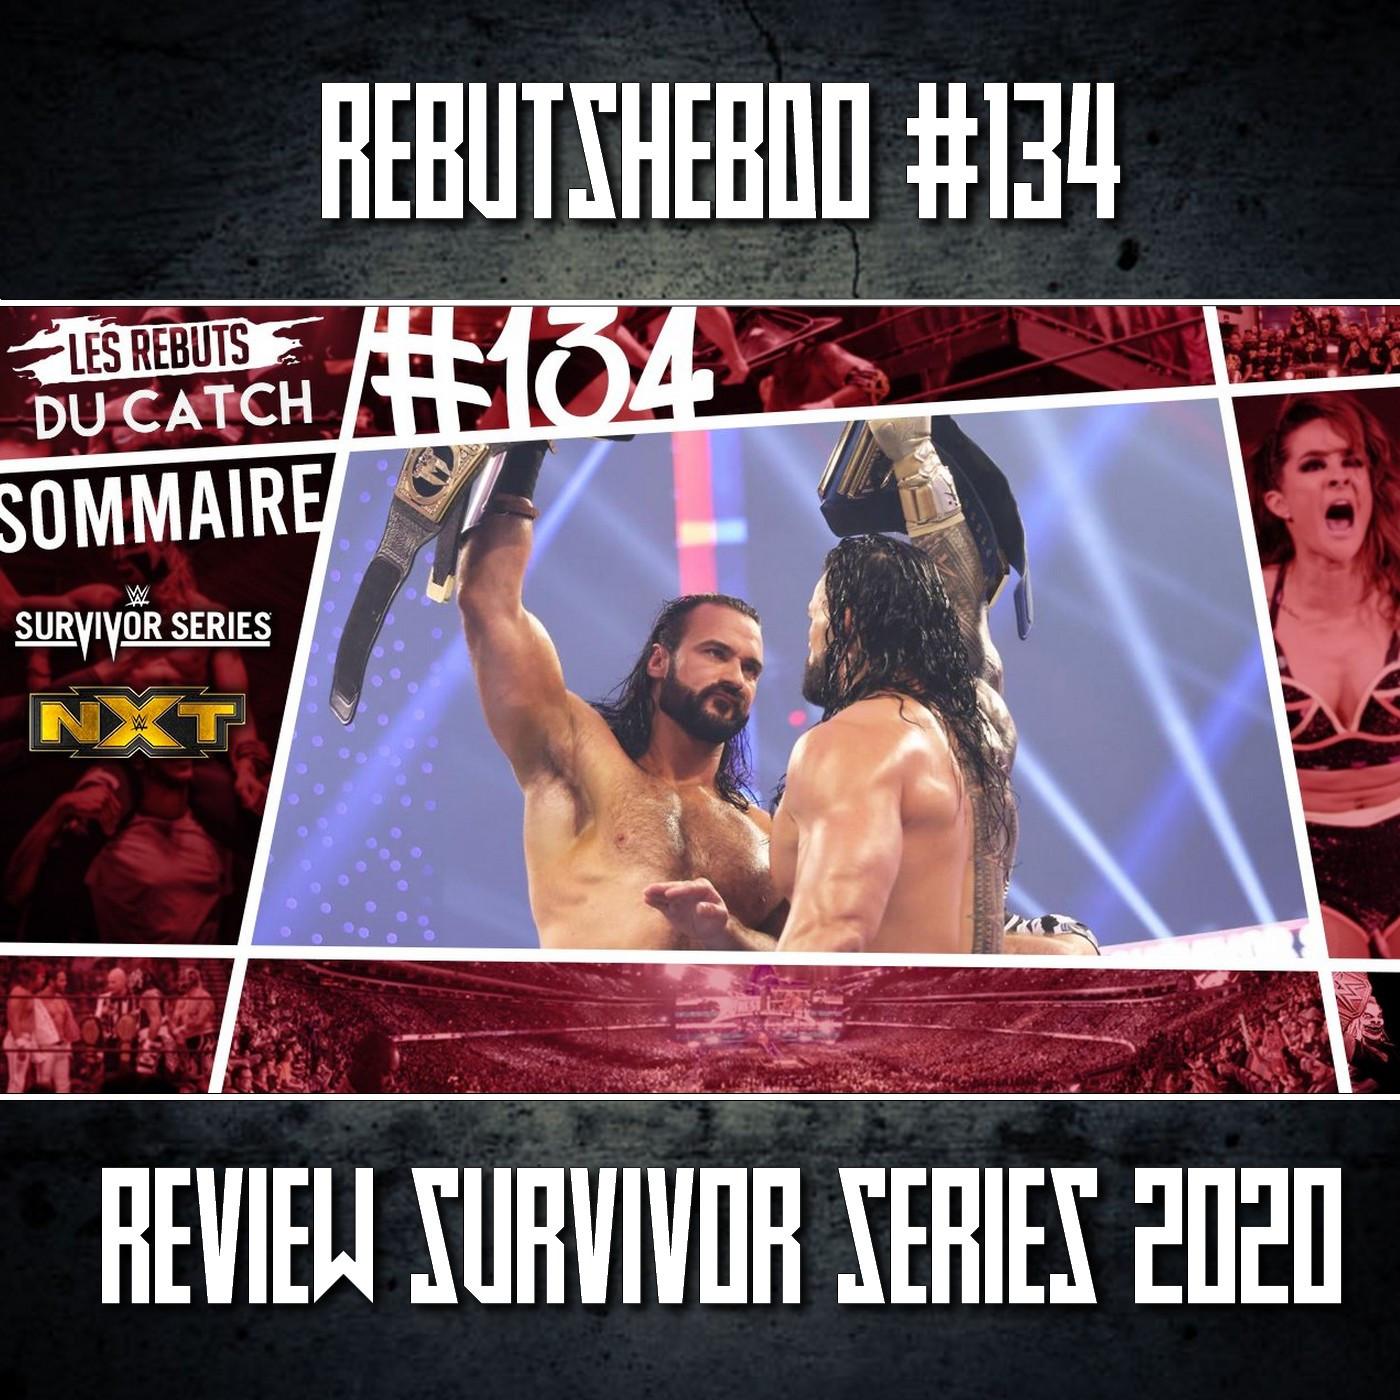 Les Rebuts du Catch : L'Hebdo #134 : Review WWE Survivor Series !